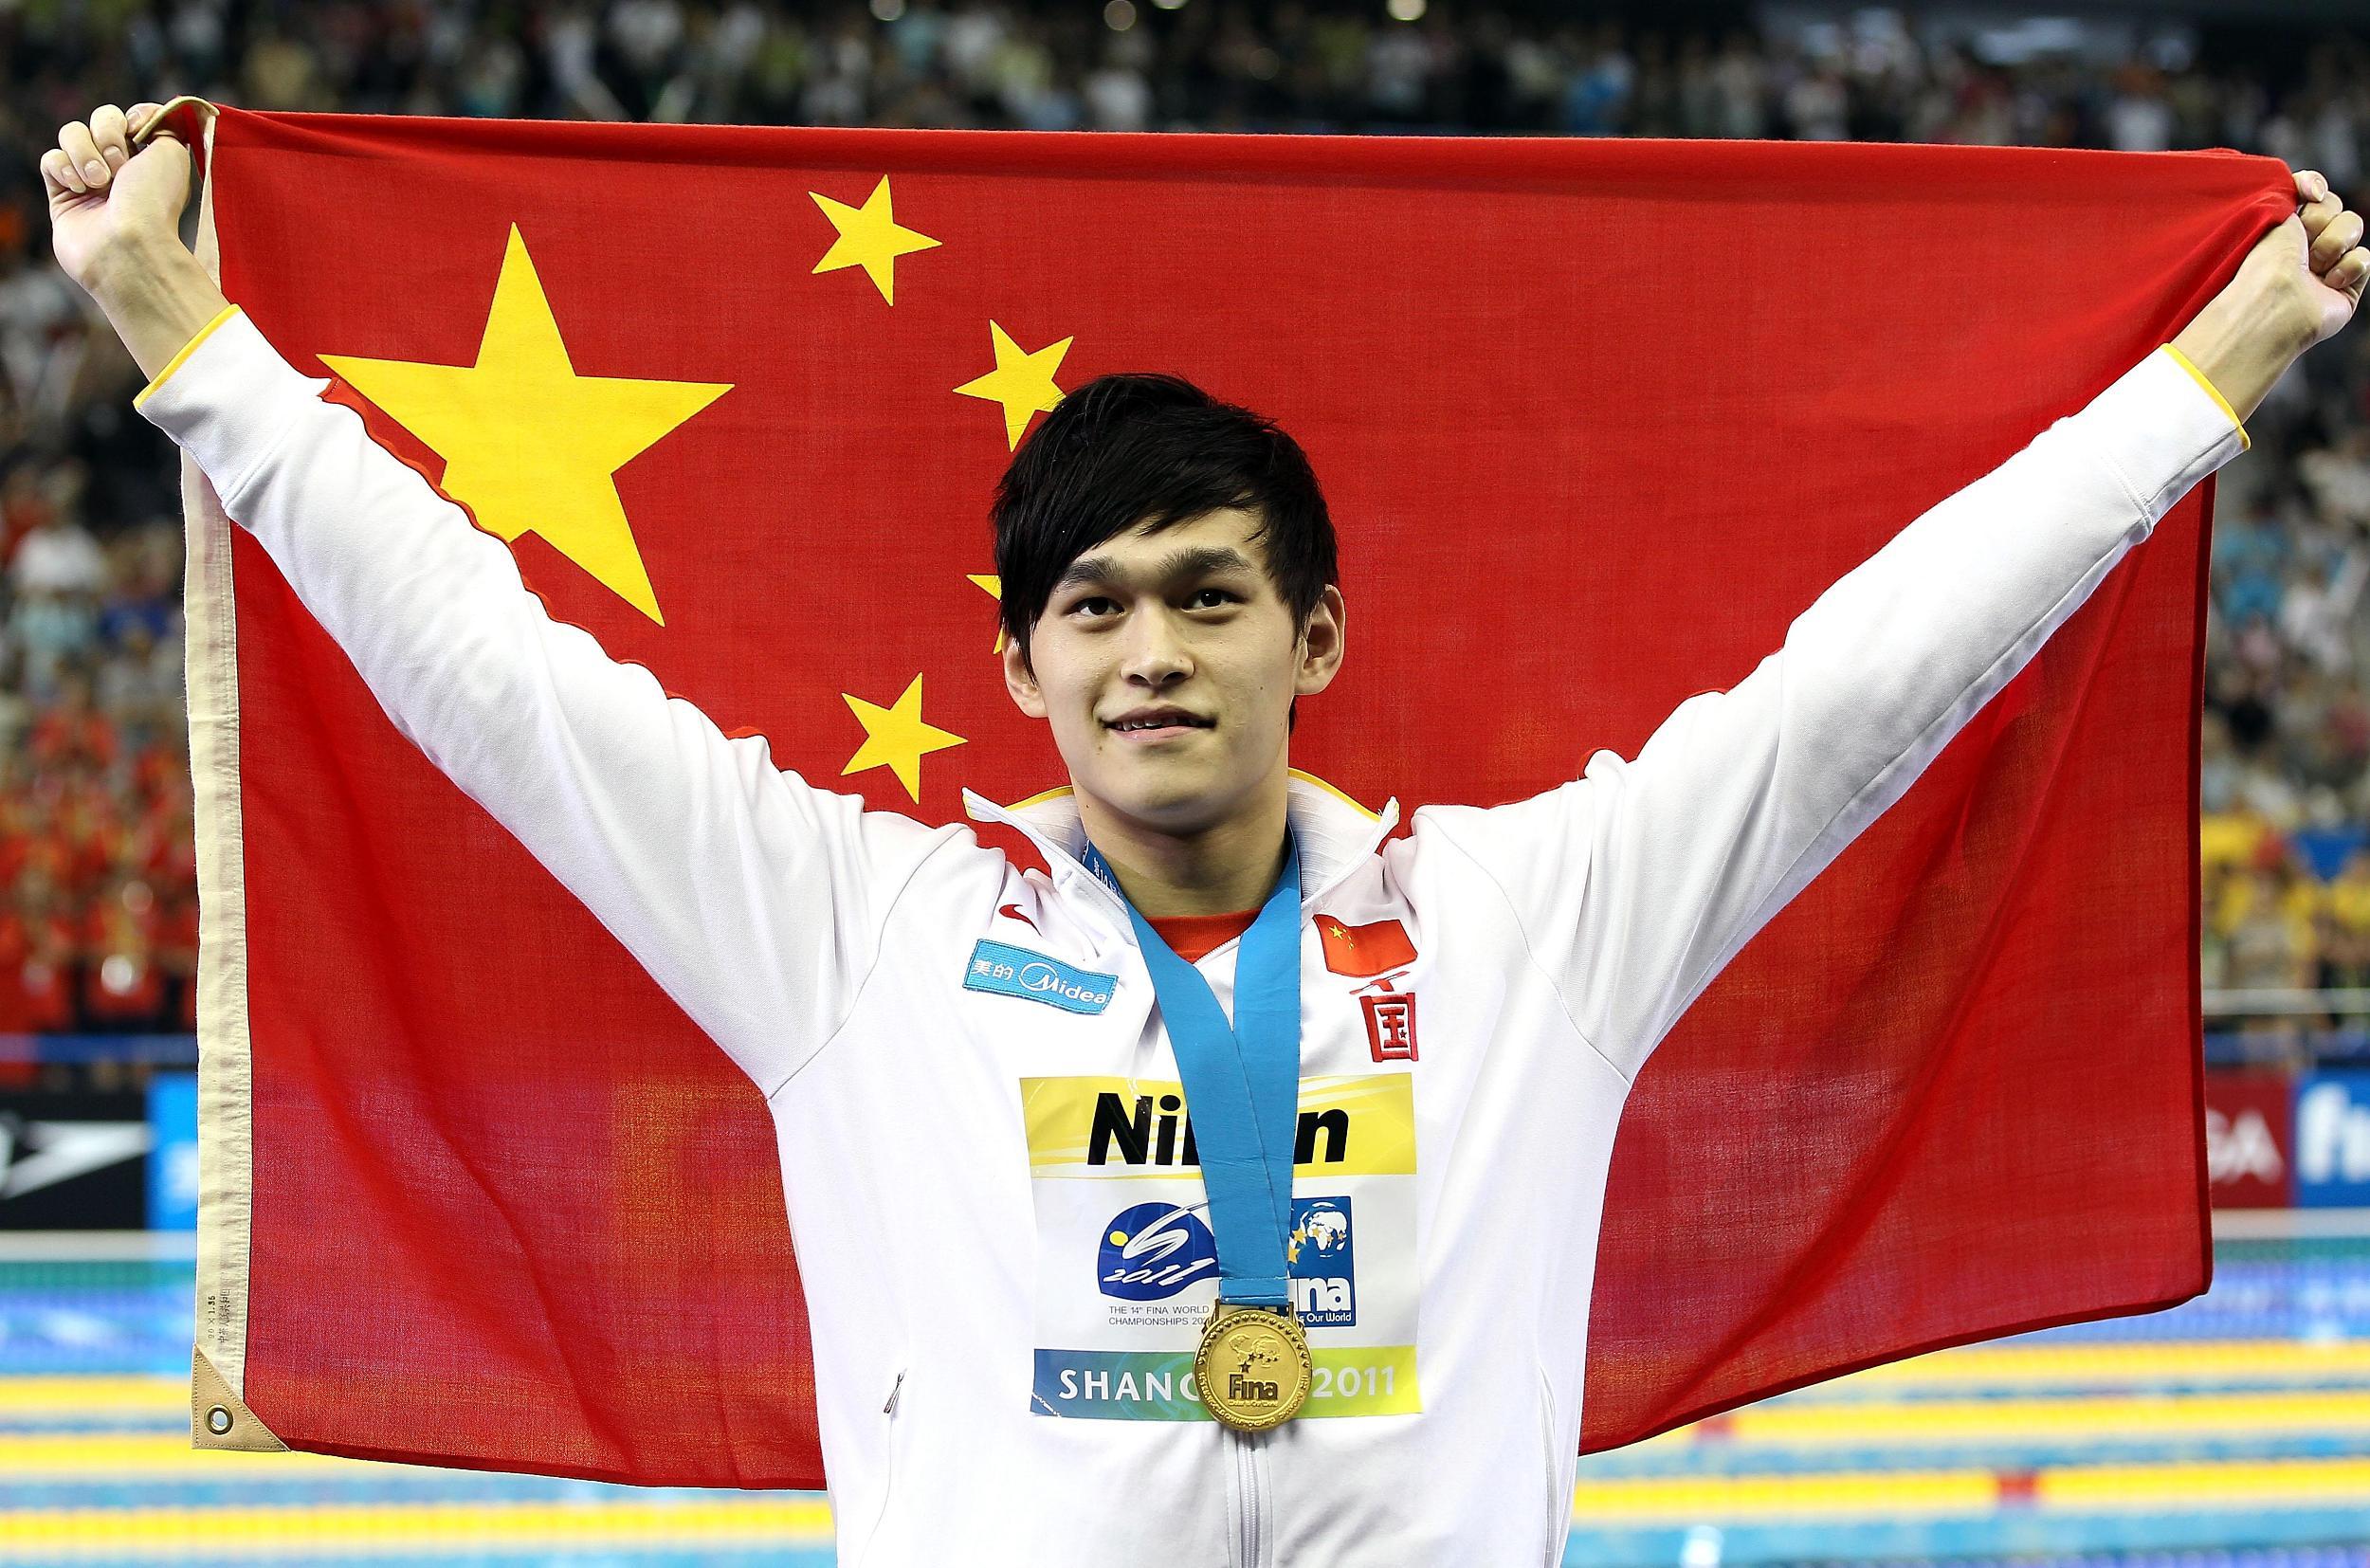 2011年上海世游赛,孙杨震惊世界。